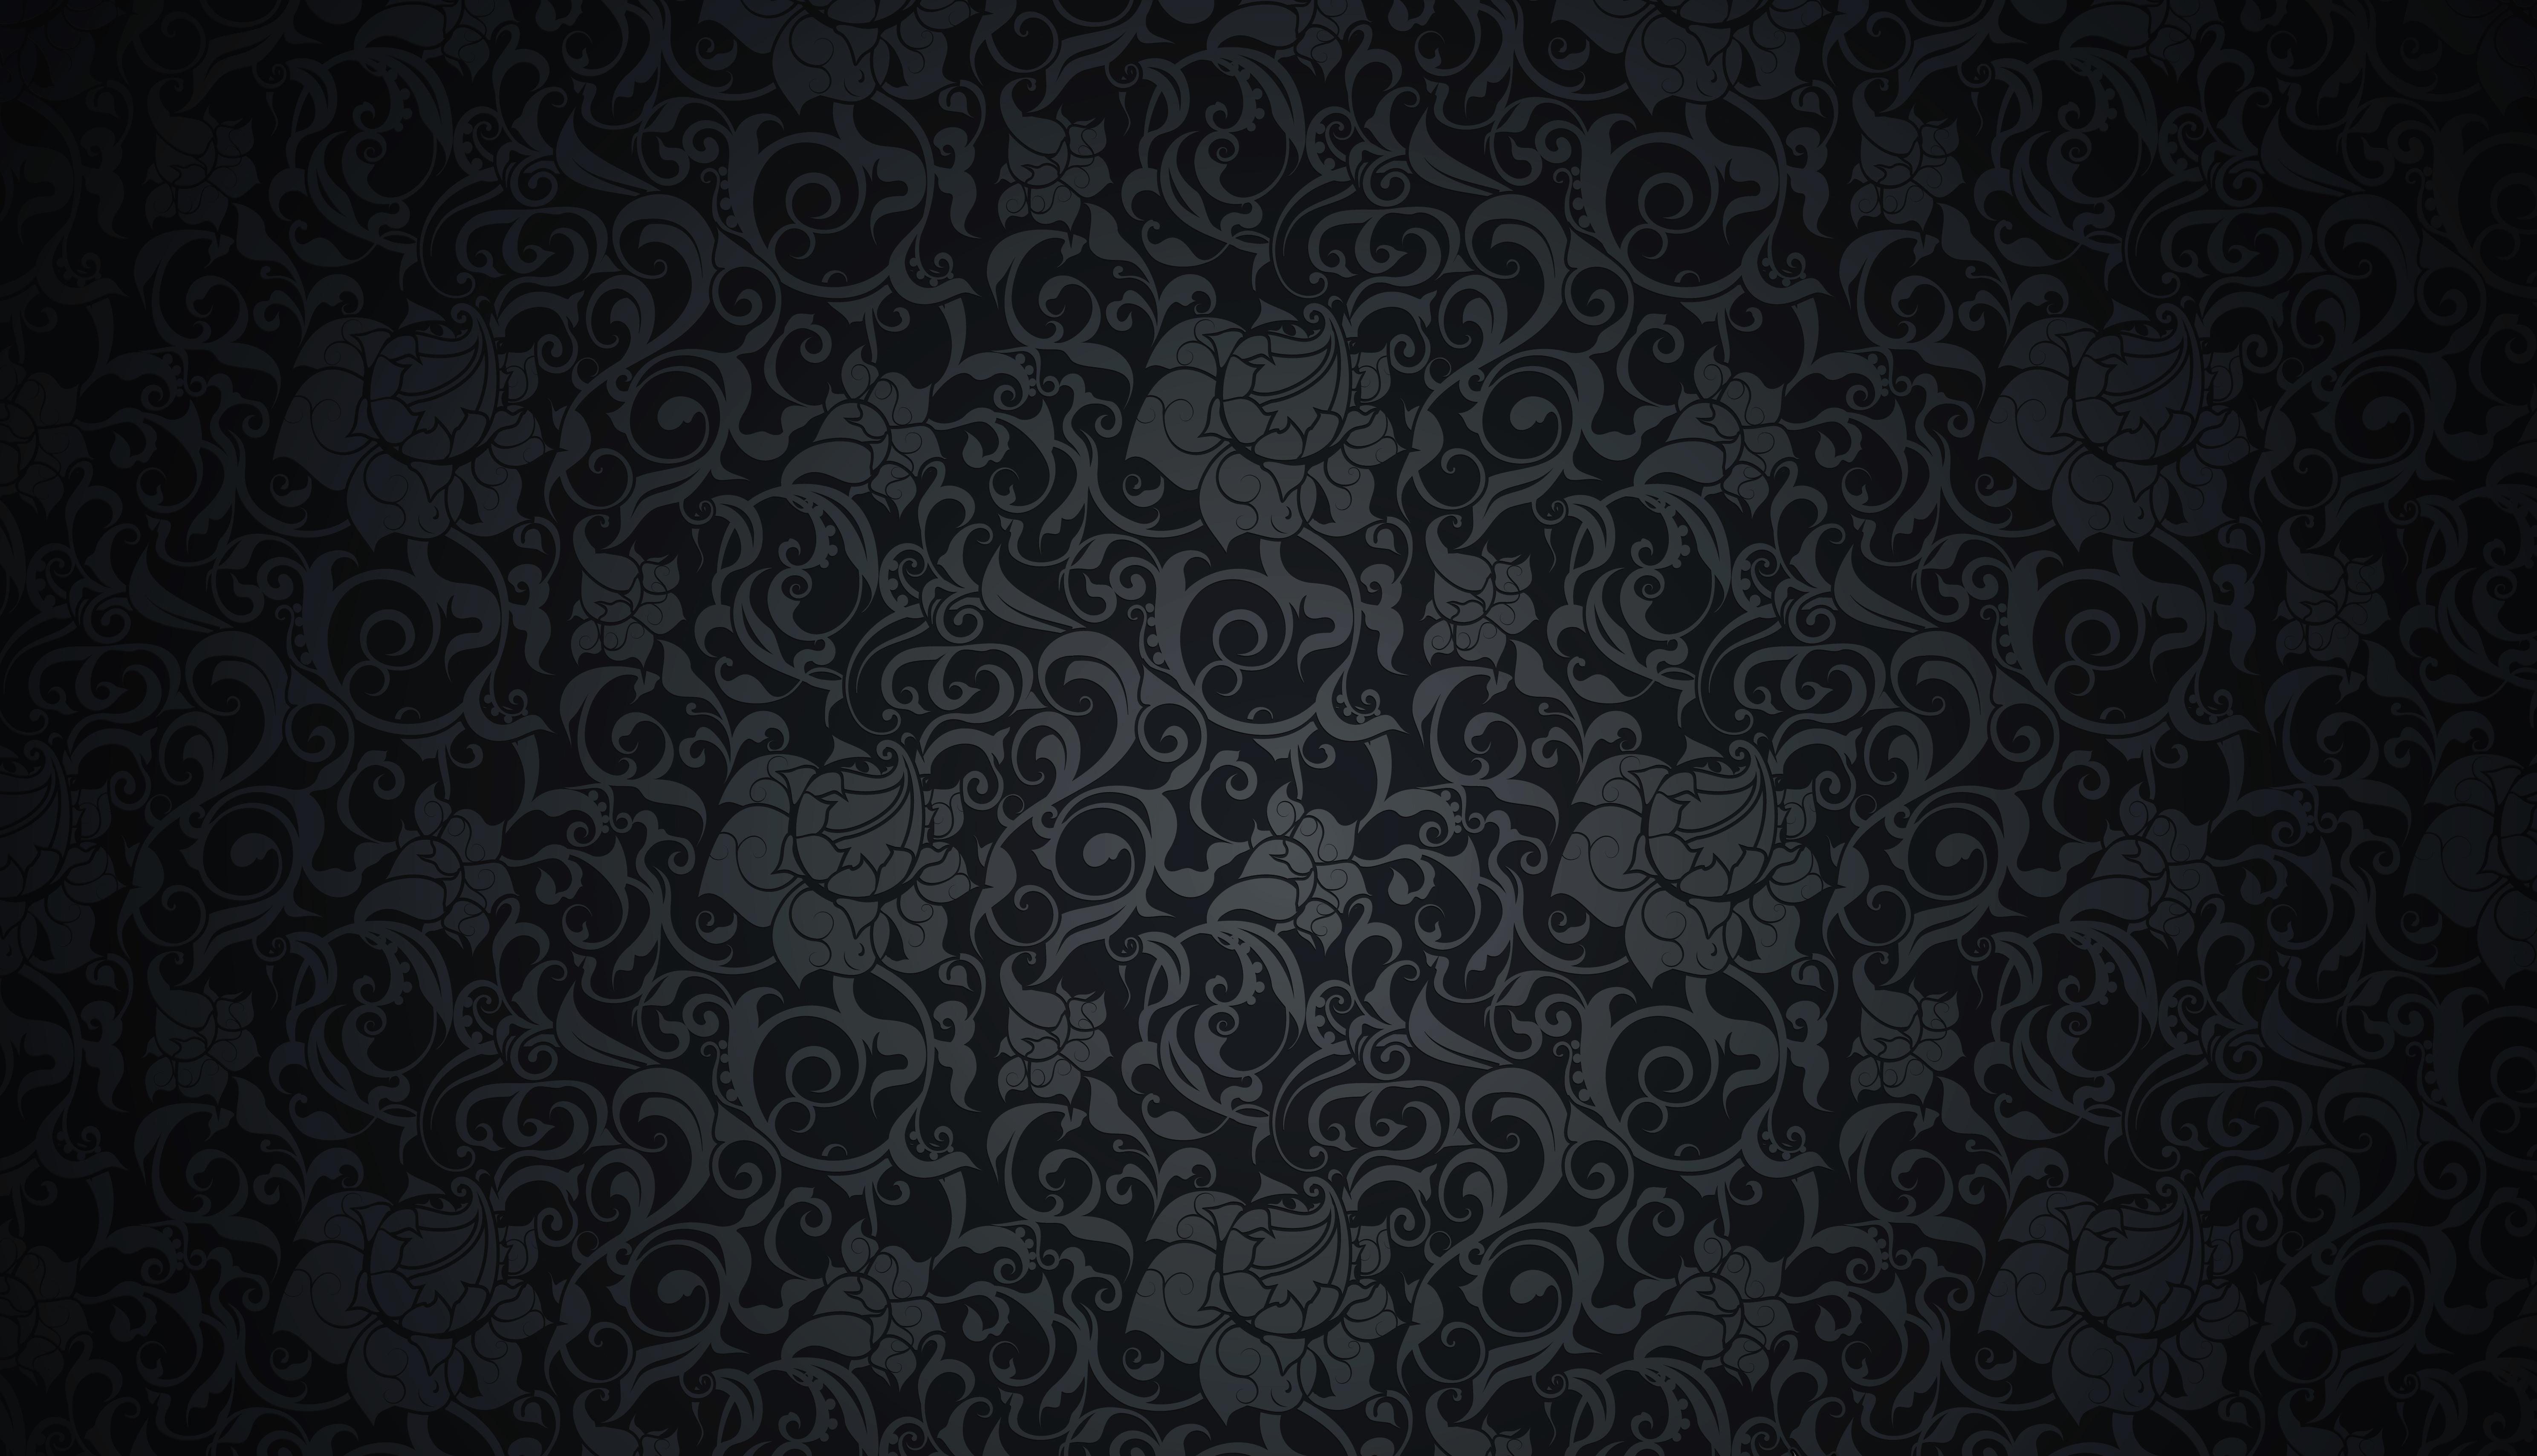 круги узоры темный фон  № 2064574 без смс